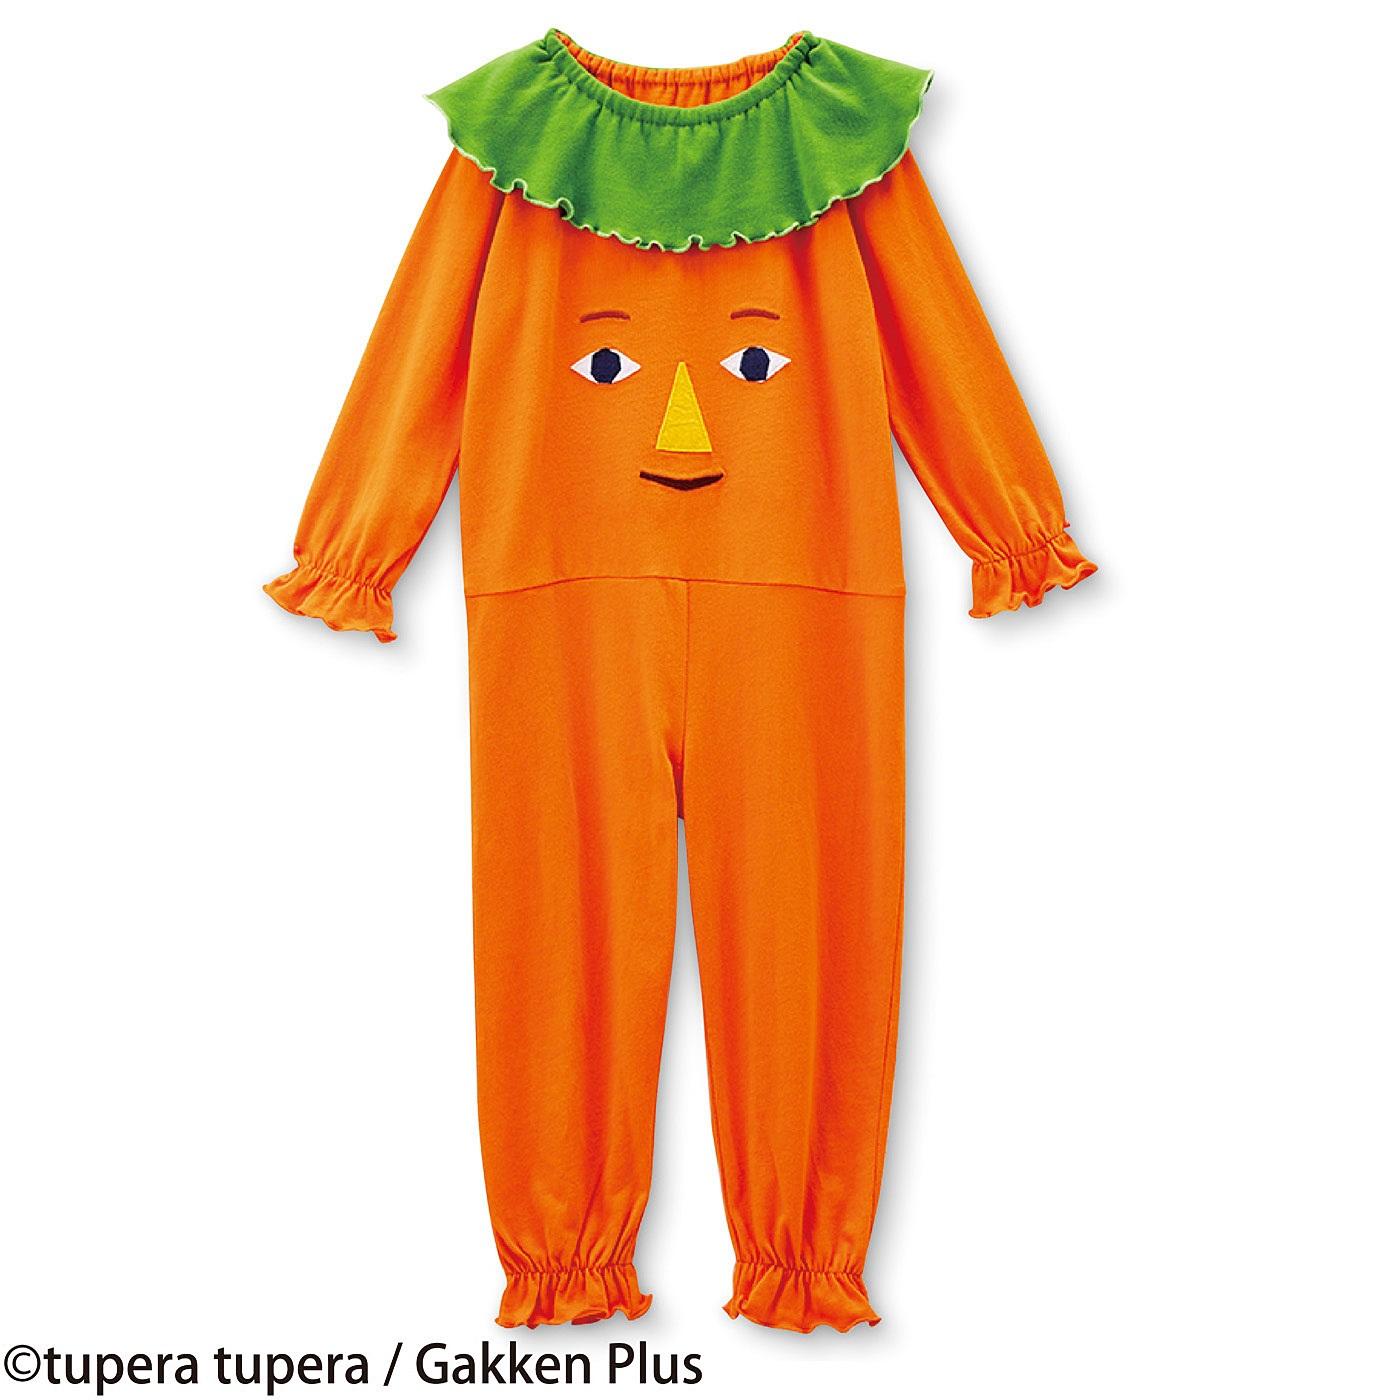 tupera tupera×フェリシモ やさいさん にんじんさんのオールインワンパジャマ